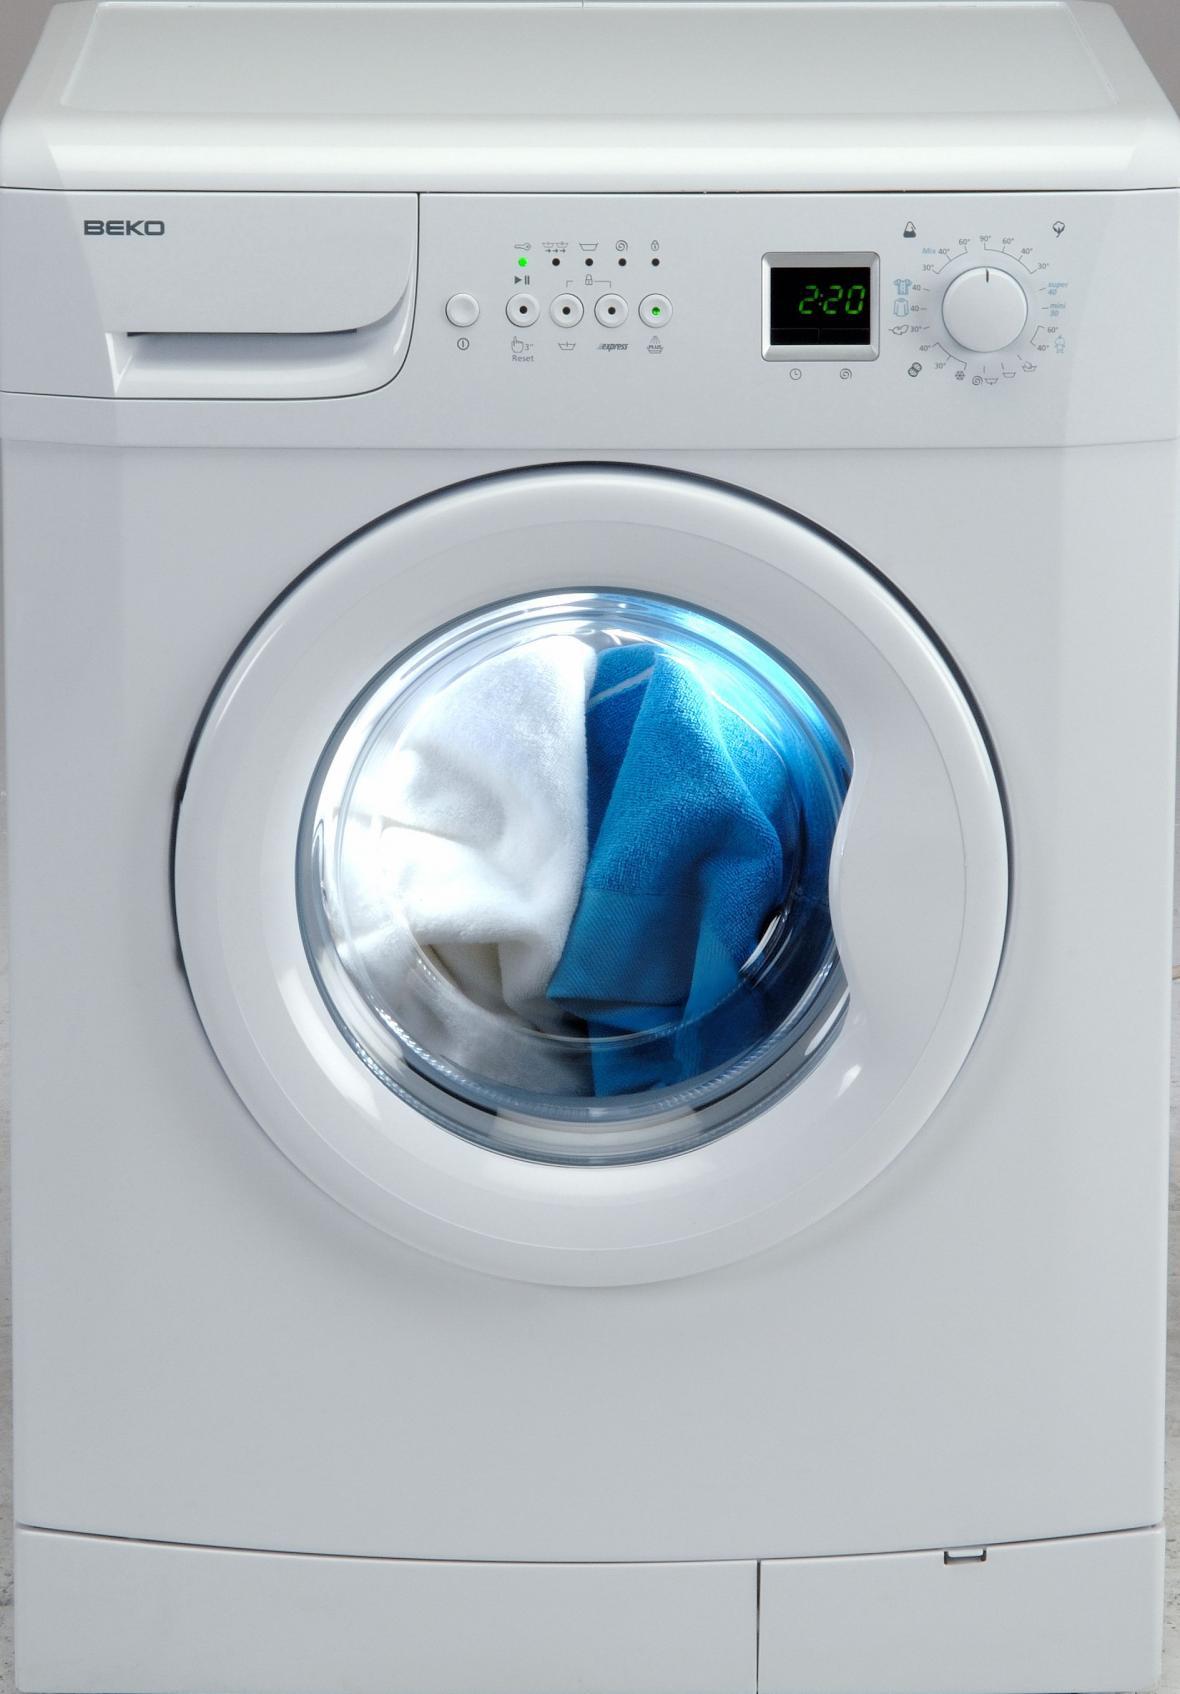 инструкция к посудомоечной машине siemens lady plus